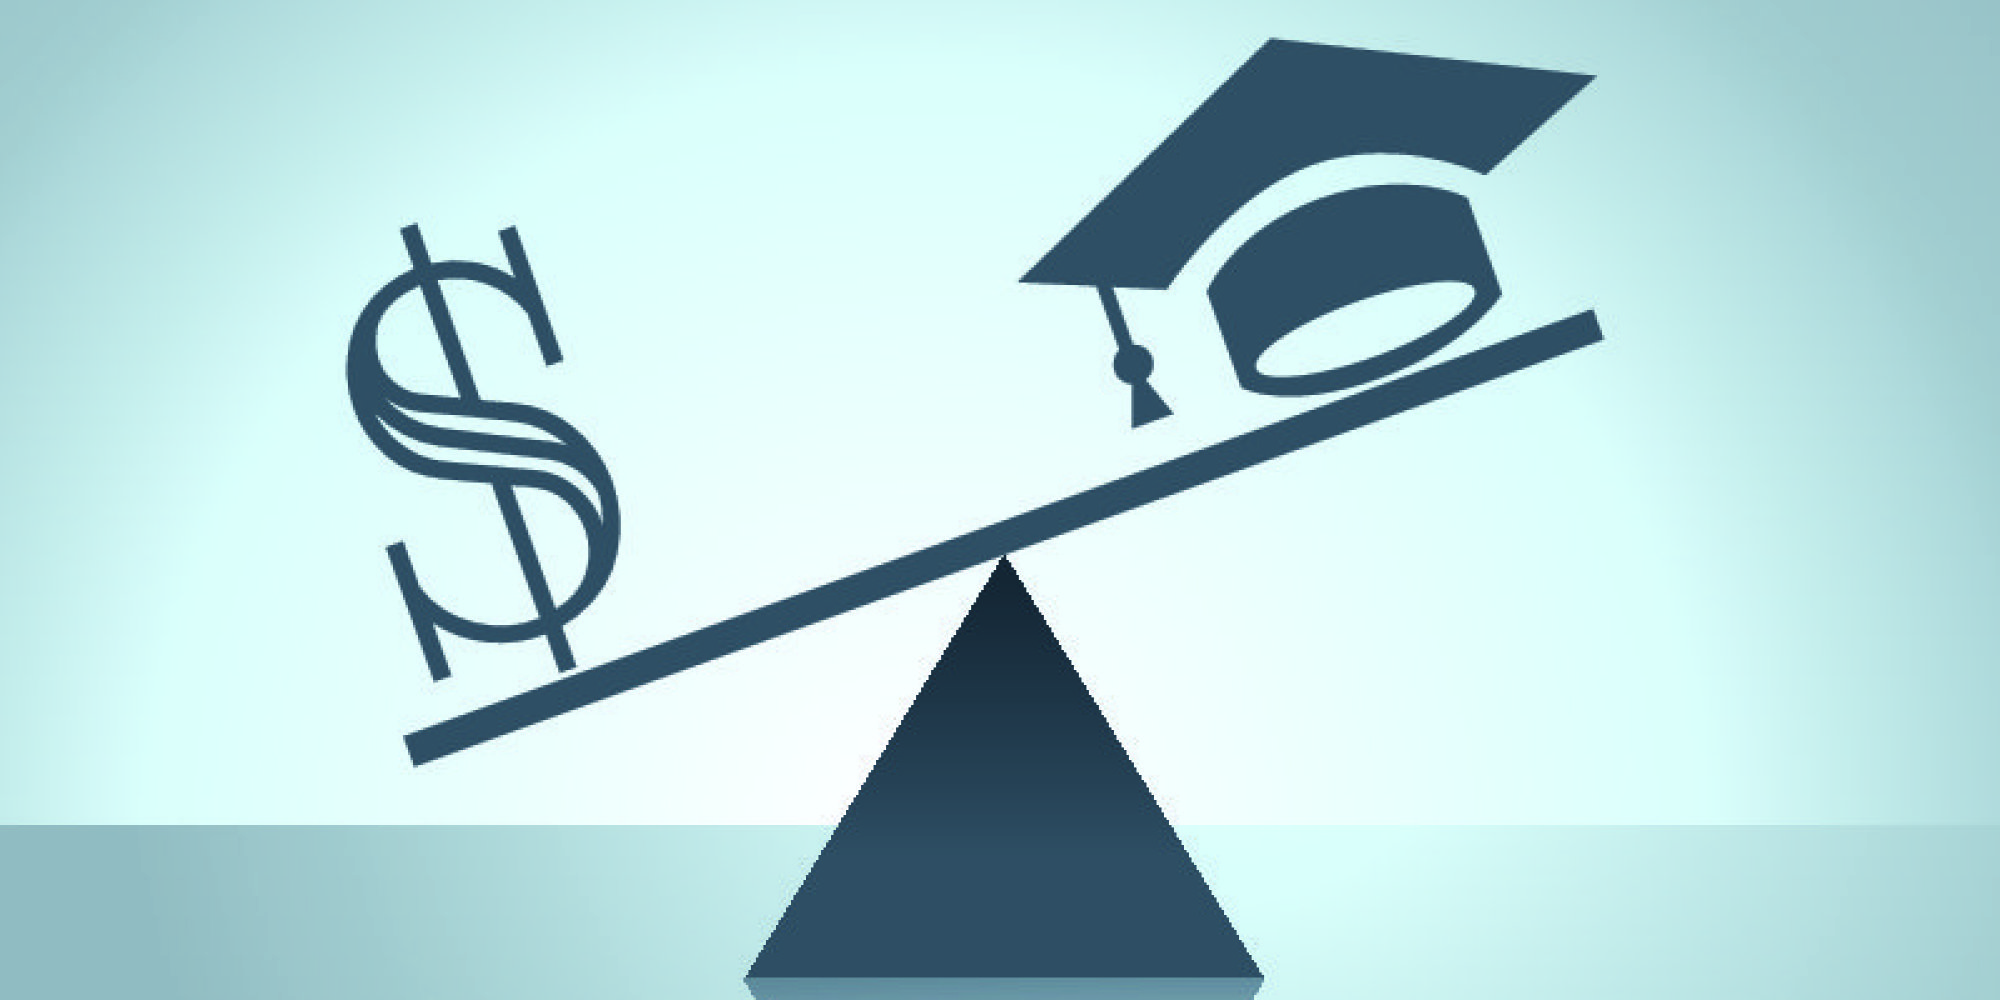 انتخاب مدرسه و هزینه ها